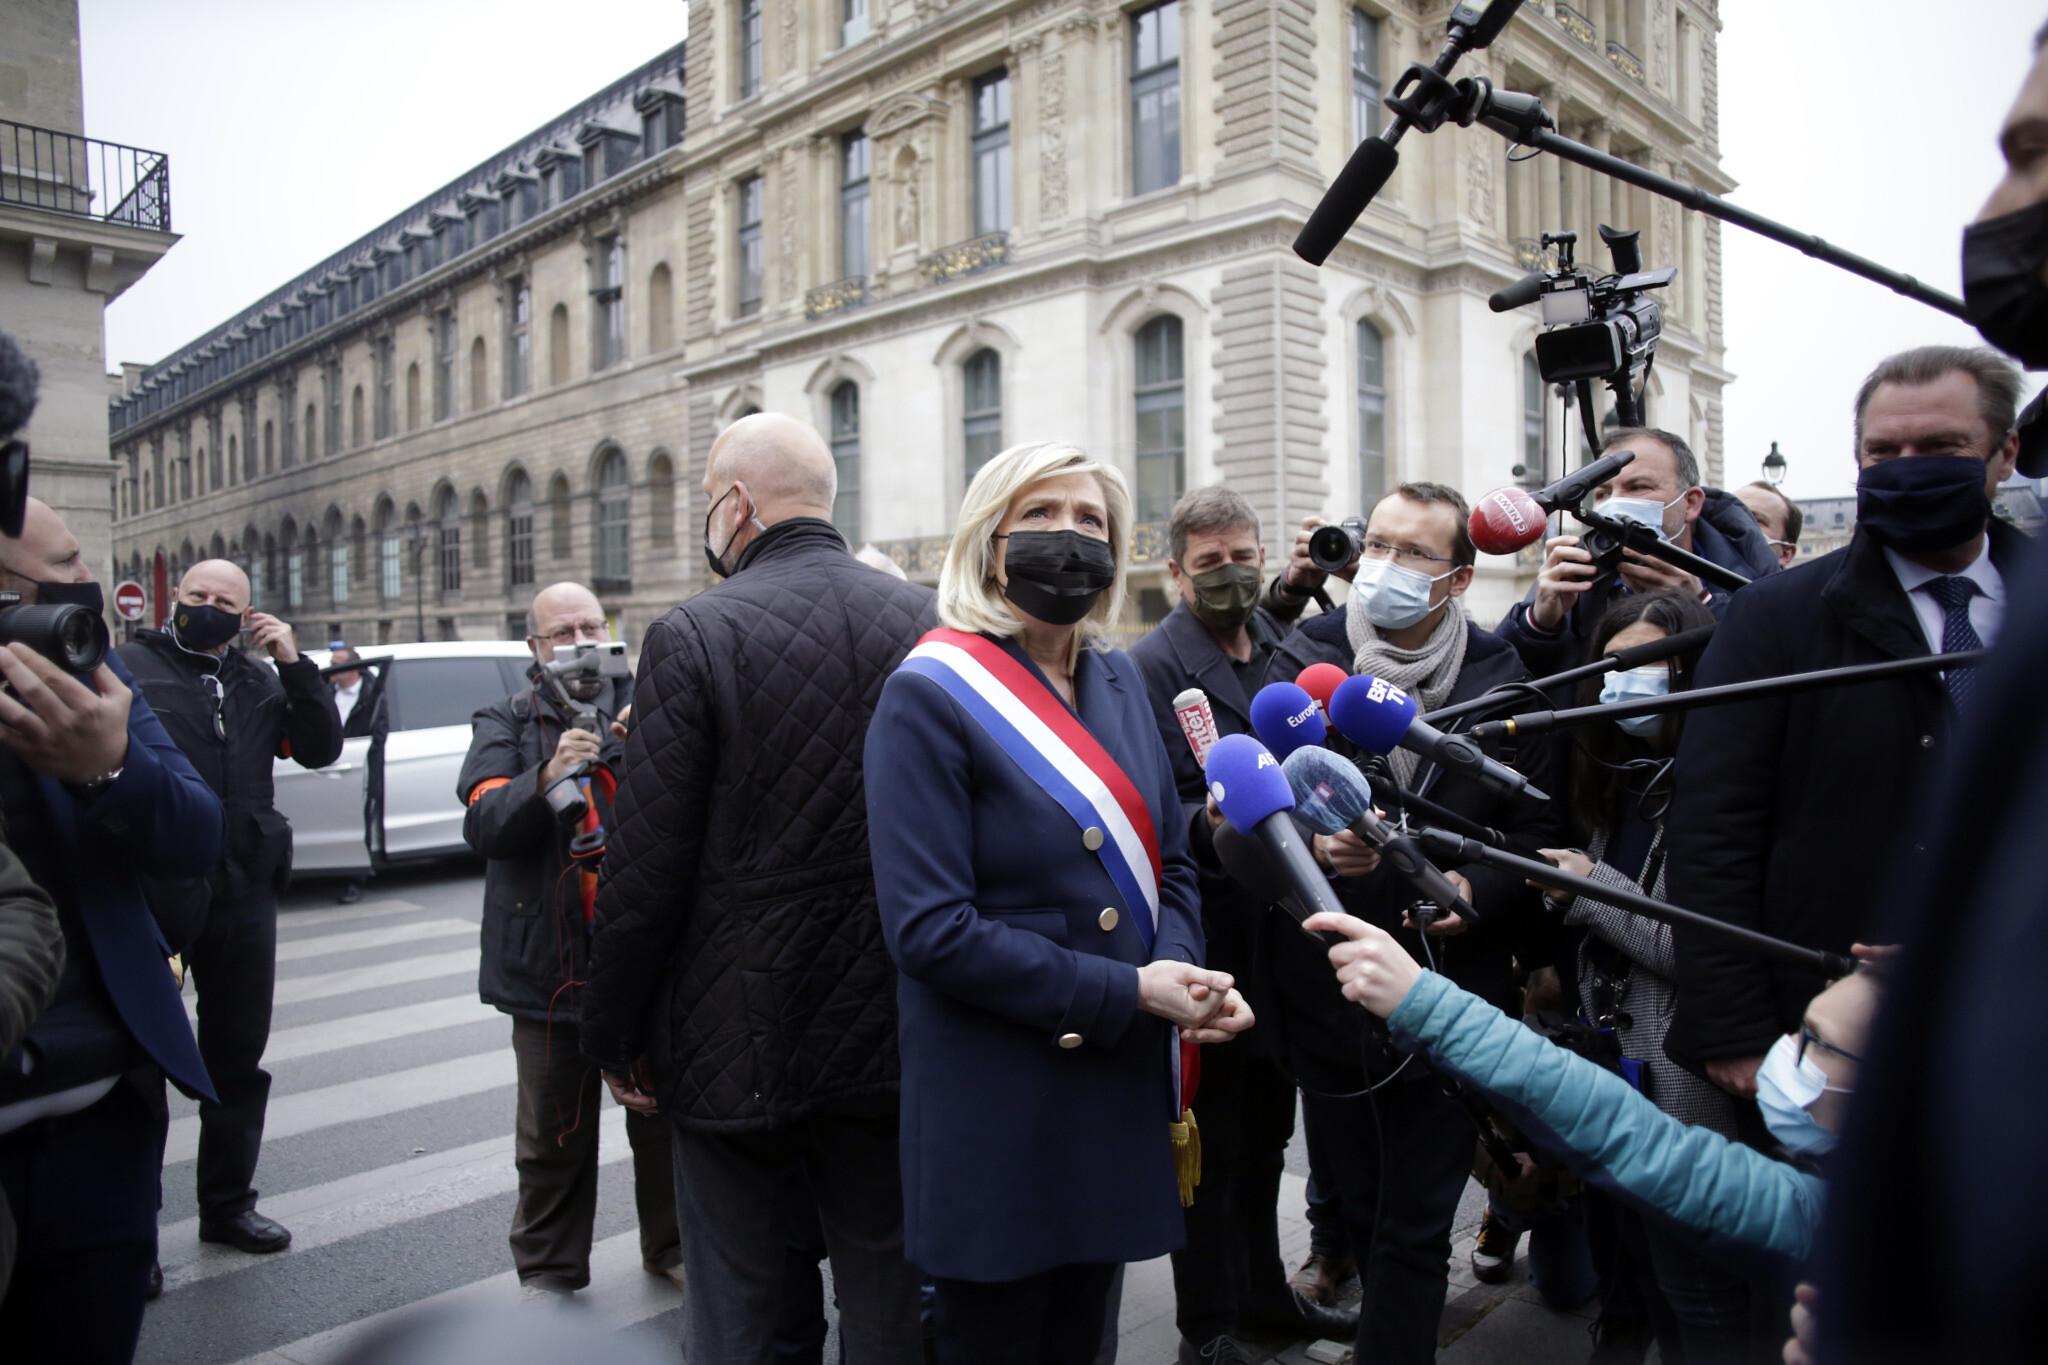 Centre-right Bertrand trumps Le Pen in Calais regional vote